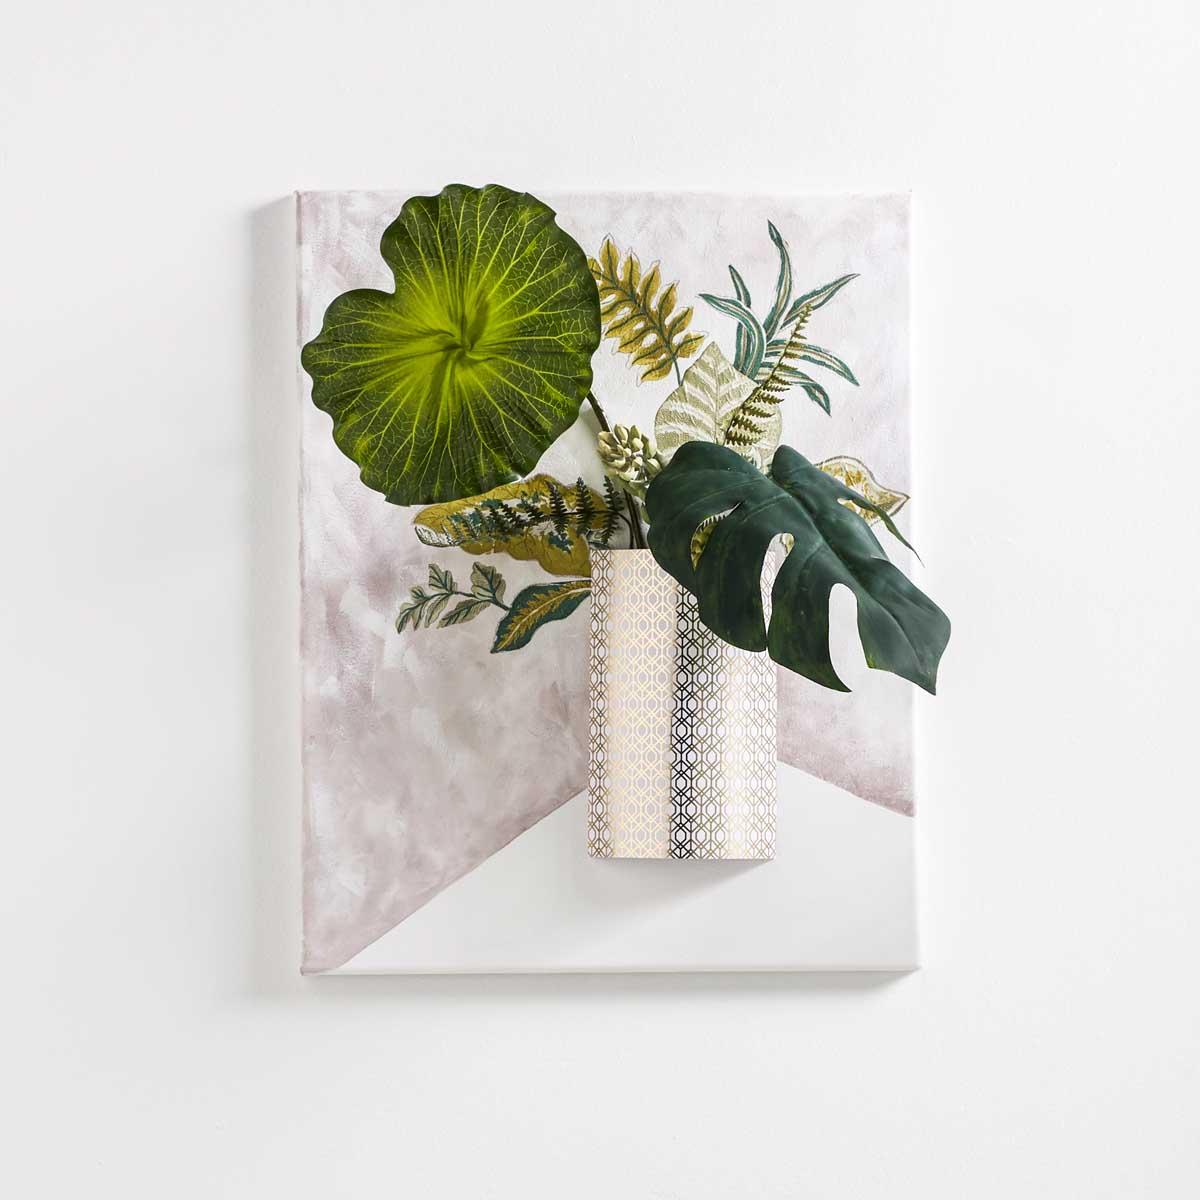 Tropical Vibes 3D Flower Wall Art